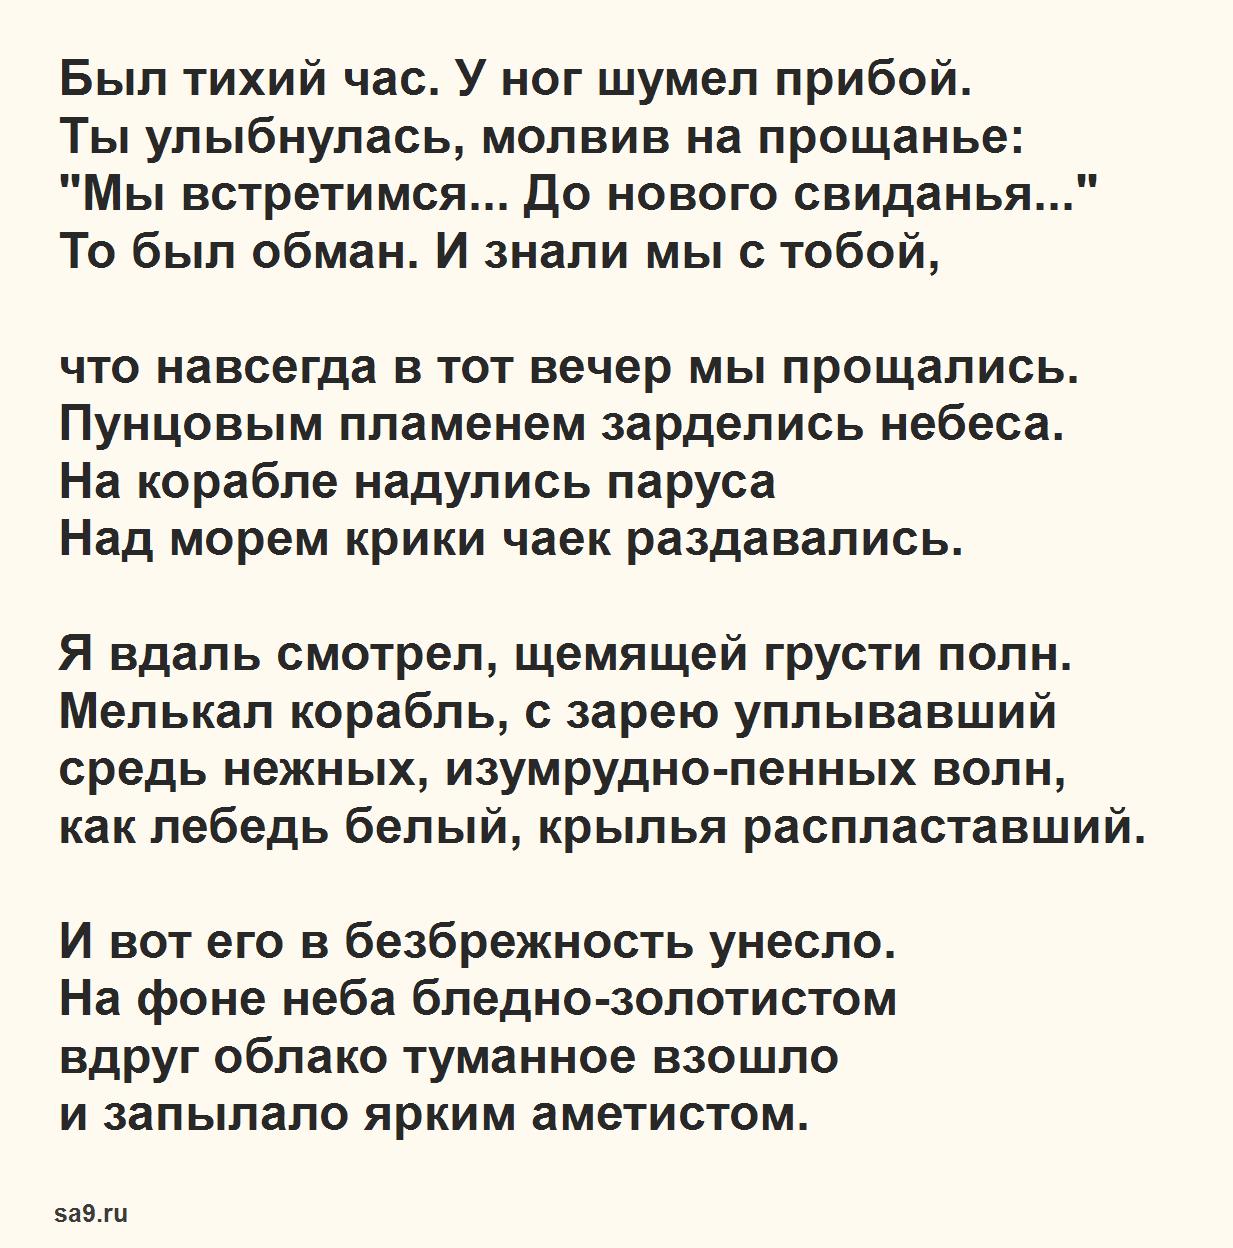 Читать стихи Брюсова о любви - Любовь